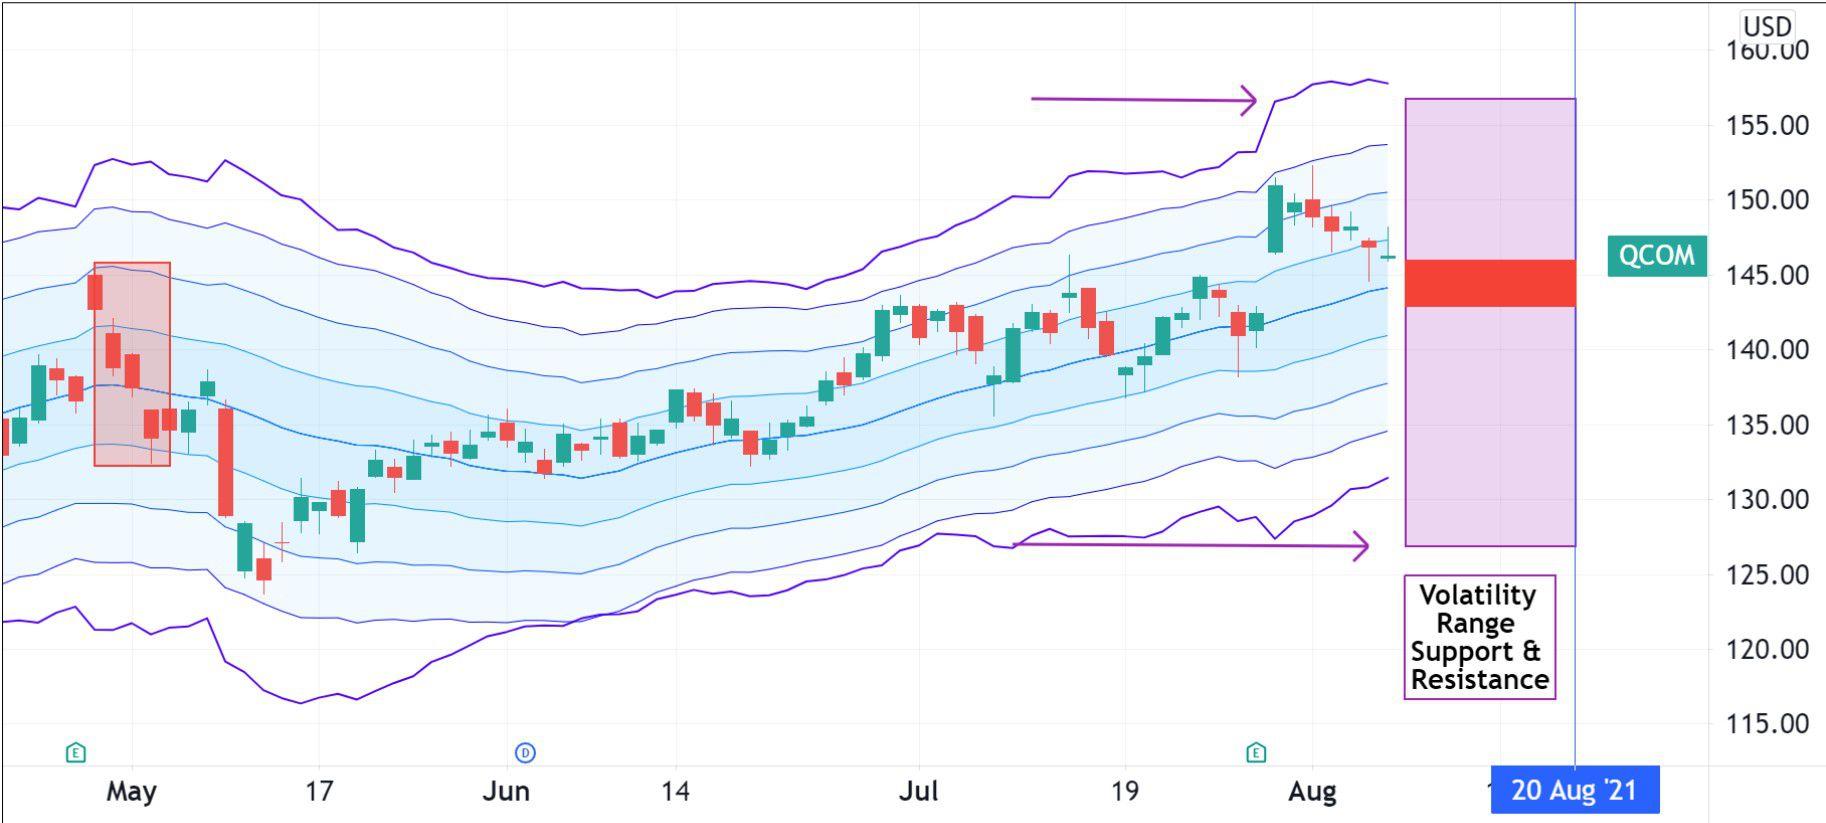 Volatility pricing for Qualcomm Incorporated (QCOM)